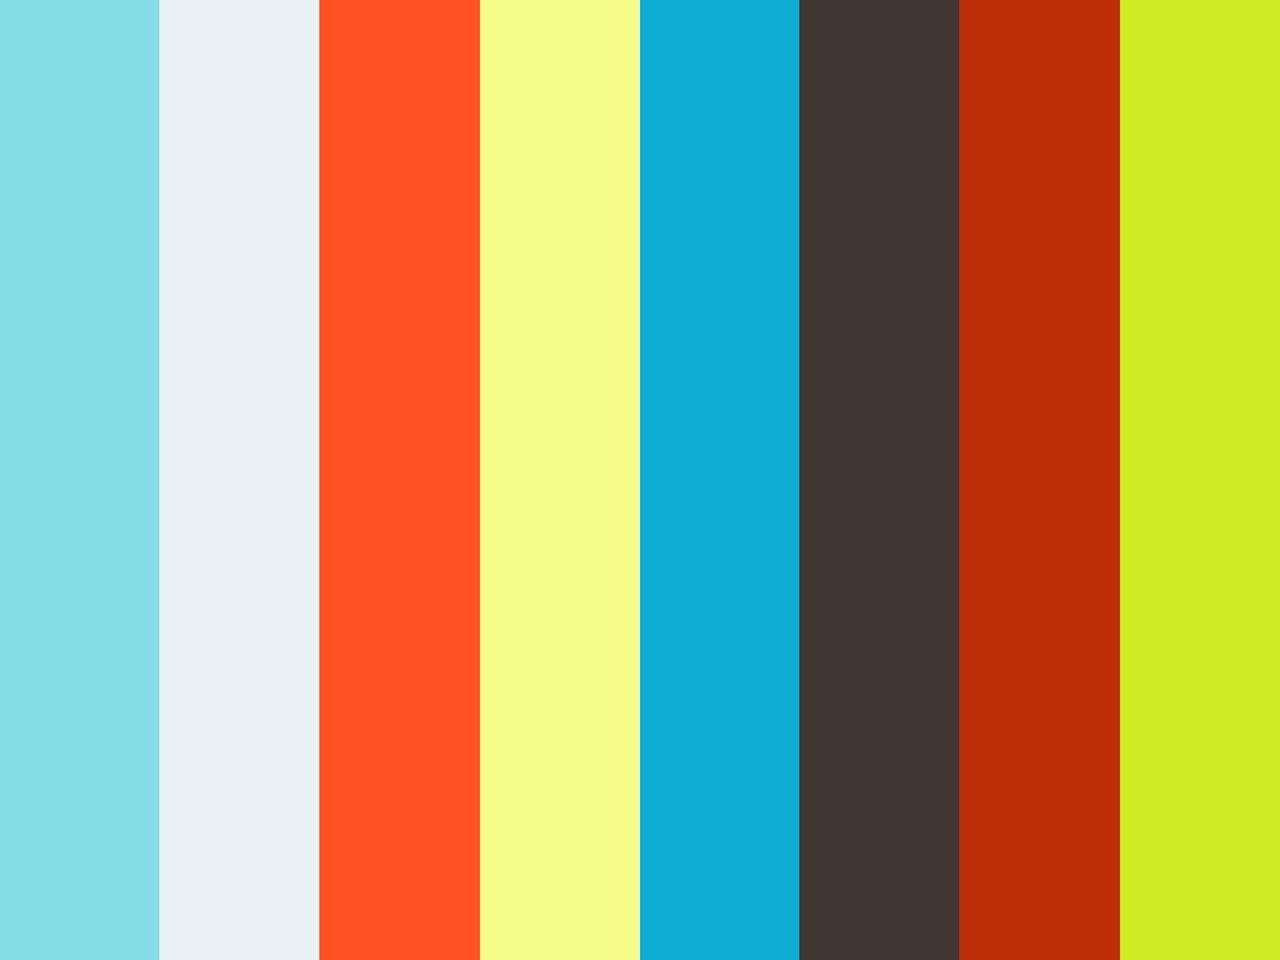 171001 CARONNESE-COMO HIGHLIGHTS